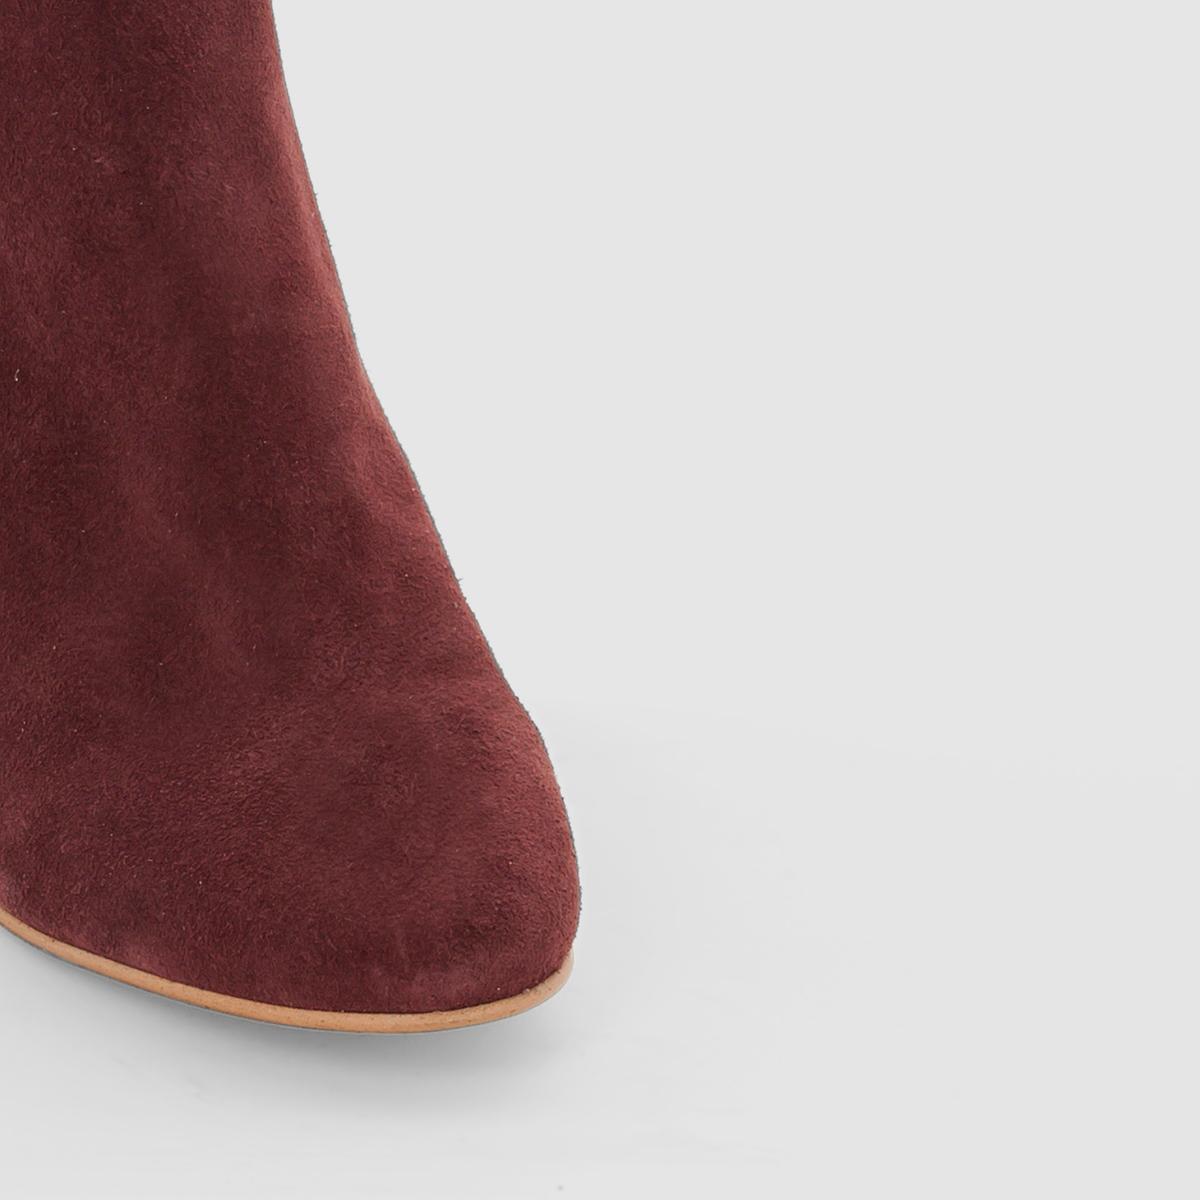 Ботильоны кожаные с кисточкойВерх/ Голенище : кожа         Подкладка : кожа         Стелька : кожа         Подошва : эластомер         Форма каблука : широкий         Мысок : закругленный          Застежка : на молнию<br><br>Цвет: пурпурный<br>Размер: 39